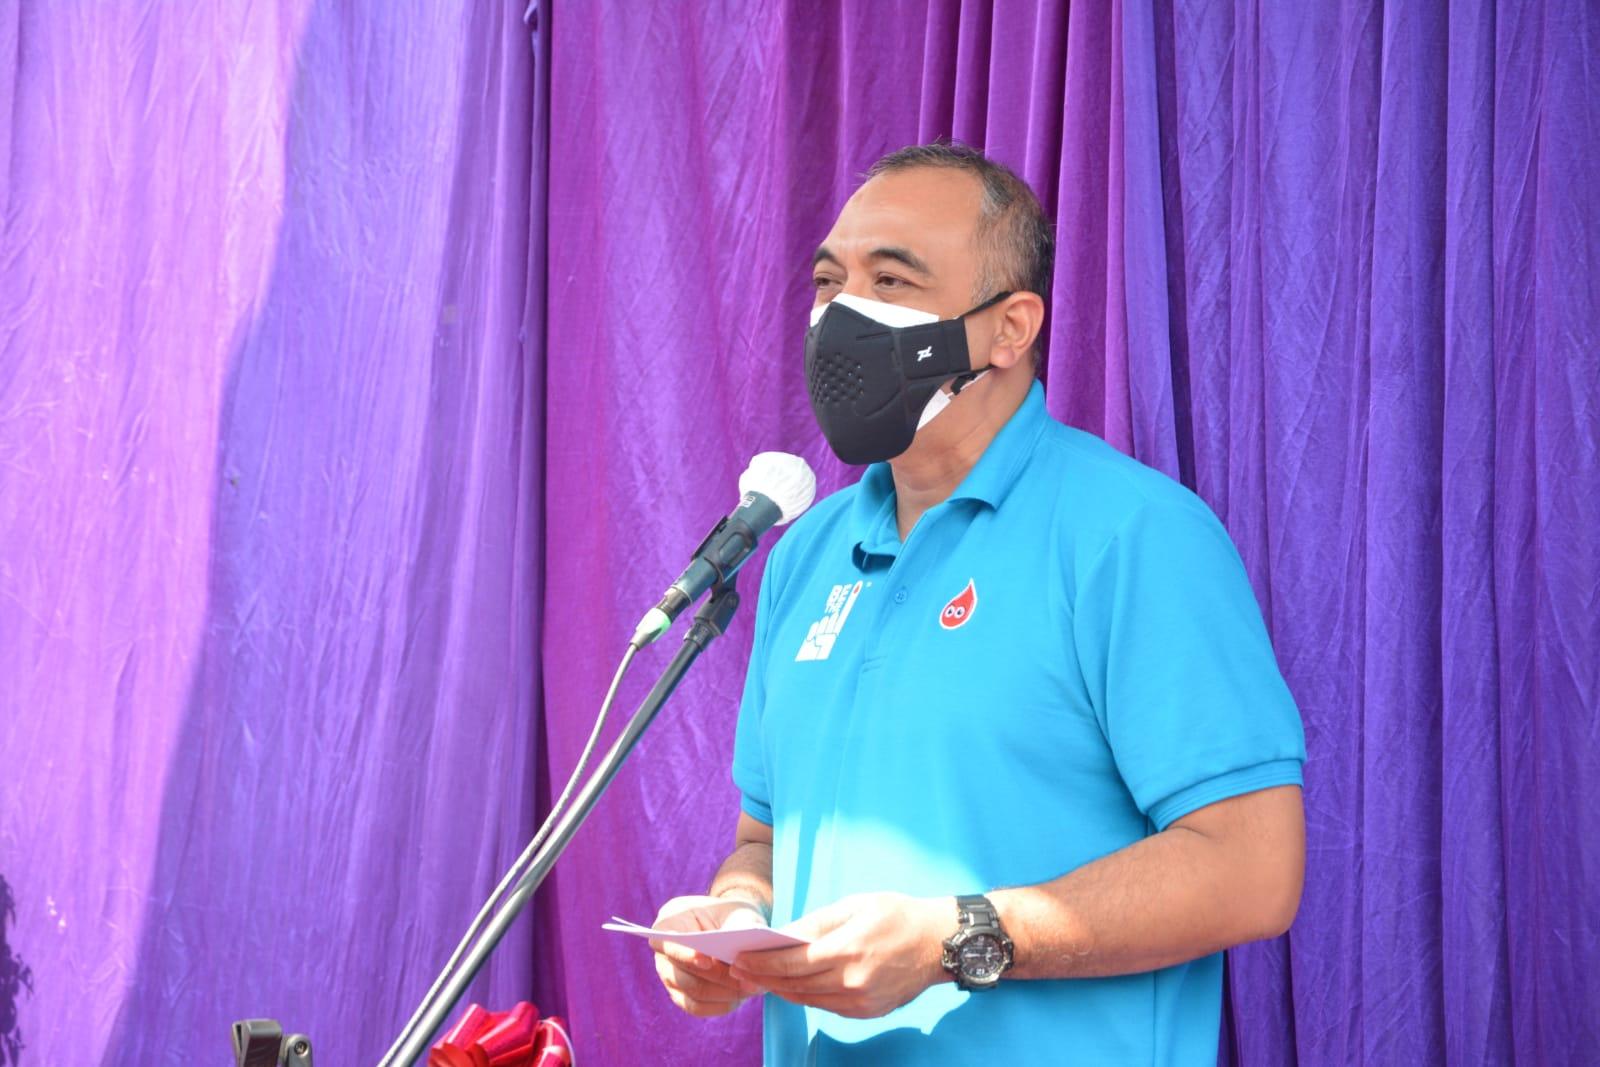 Bupati Ahmed Zaki Iskandar saat hadir di acara peluncurkan pelayanan darah digital UDD PMI Kabupaten Tangerang